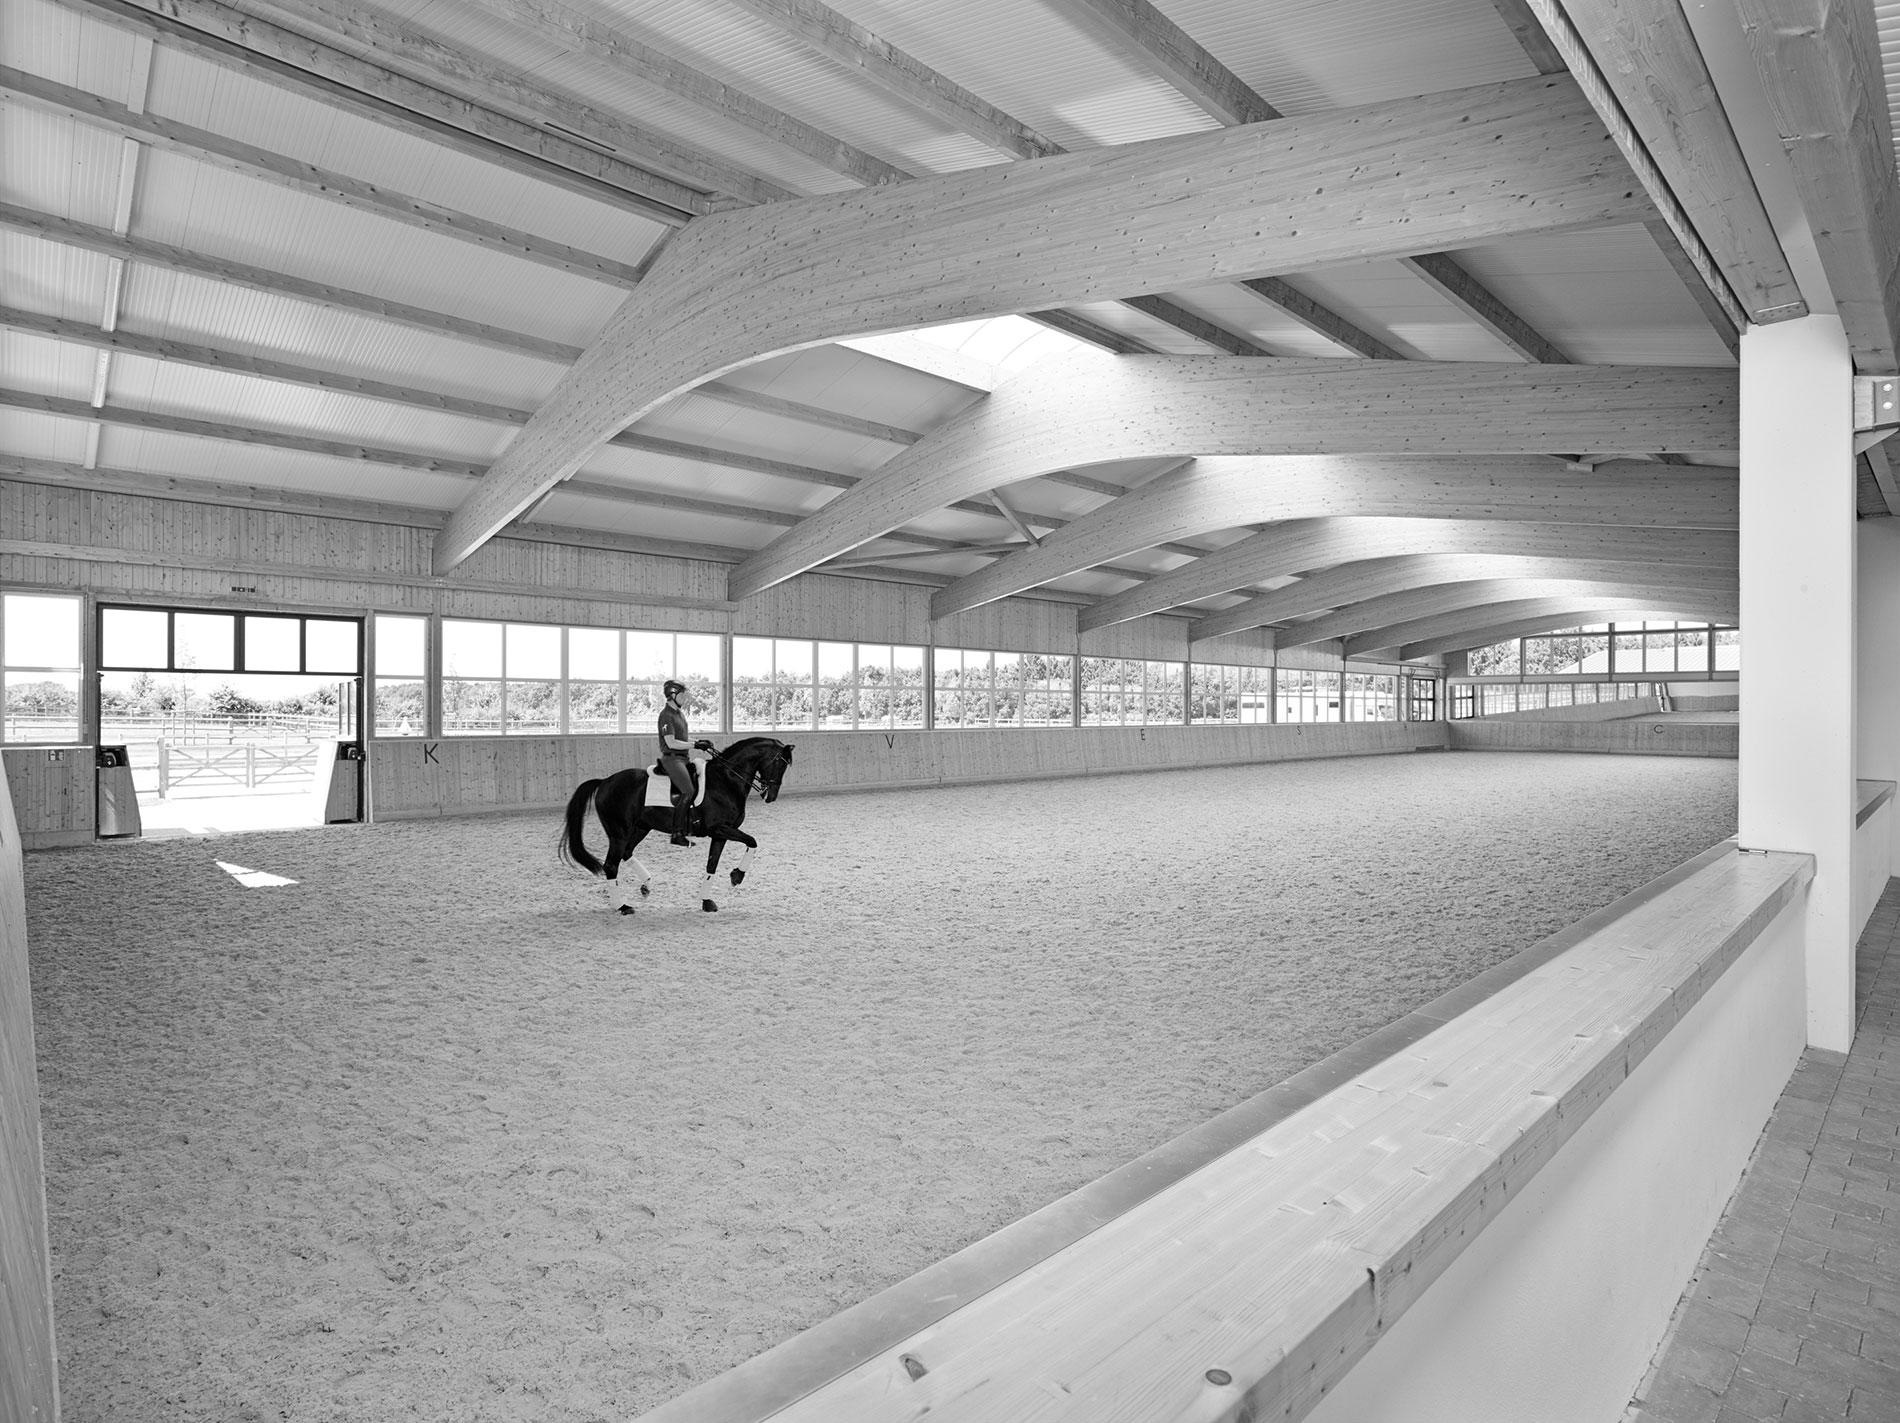 Ruoste-Dressage-Henri-Horse-Reithalle